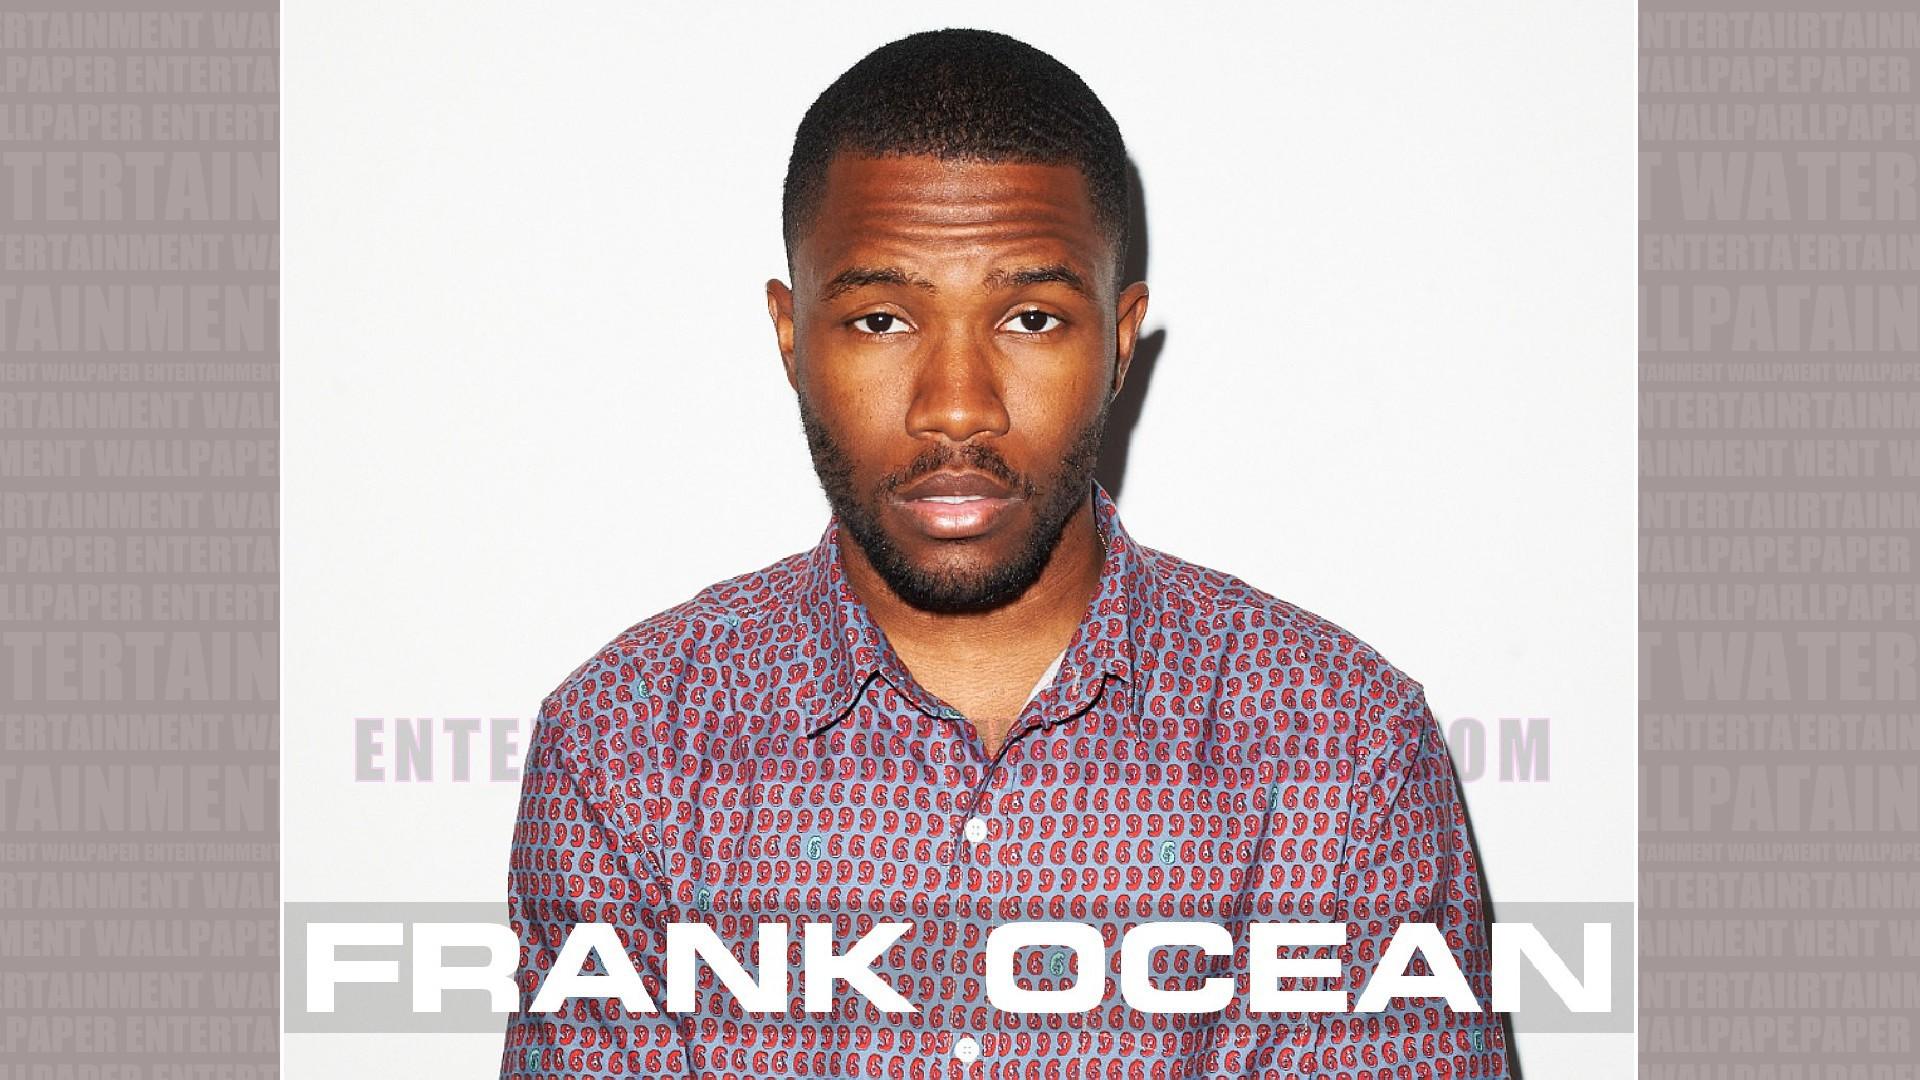 Frank Ocean Pictures